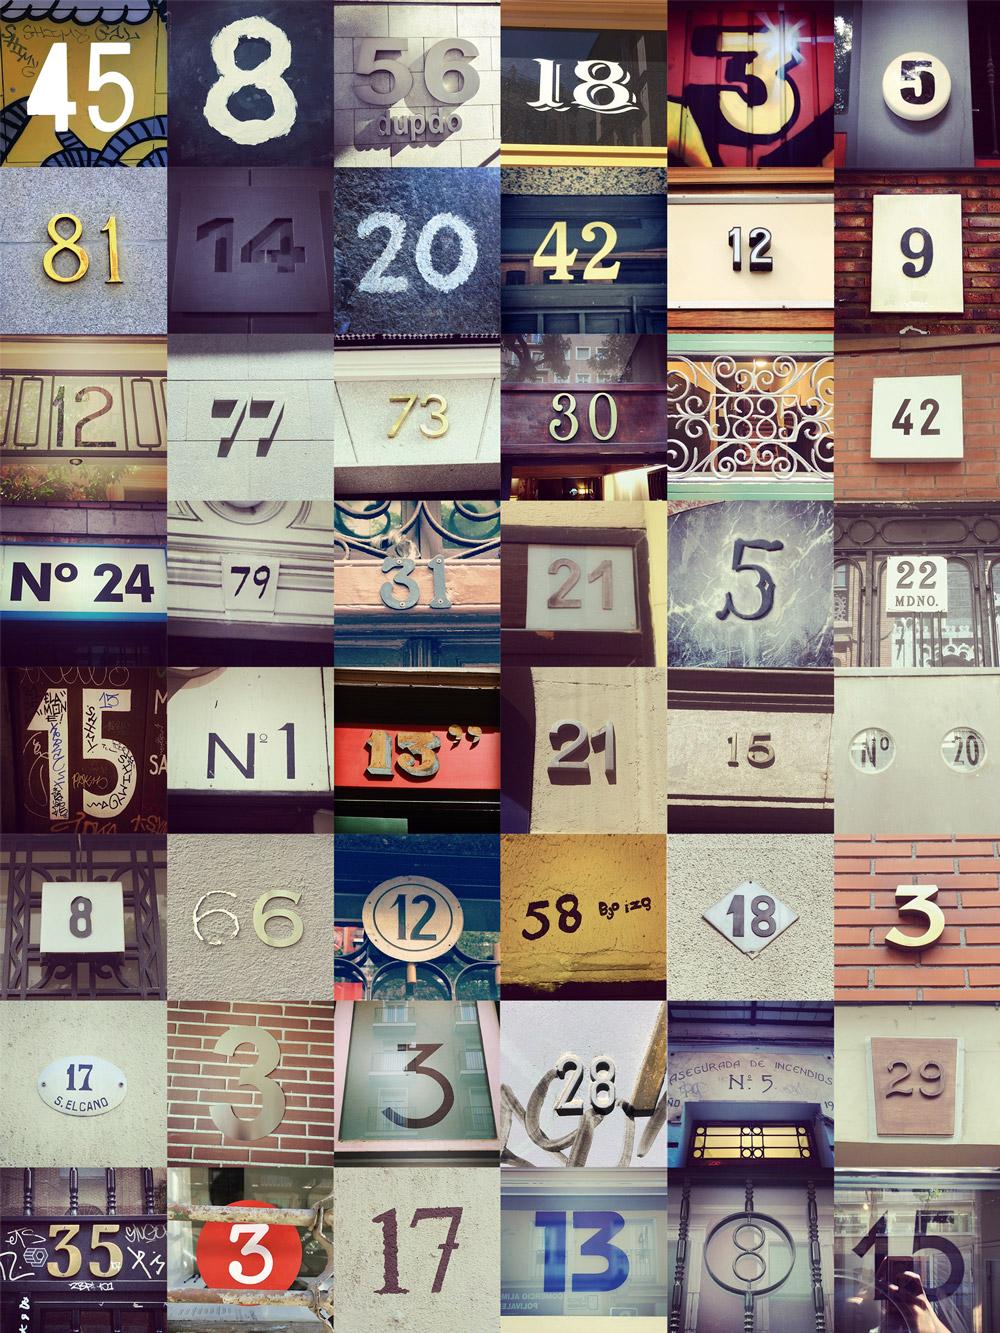 Los números más bonitos o curiosos de la ciudad de Madrid